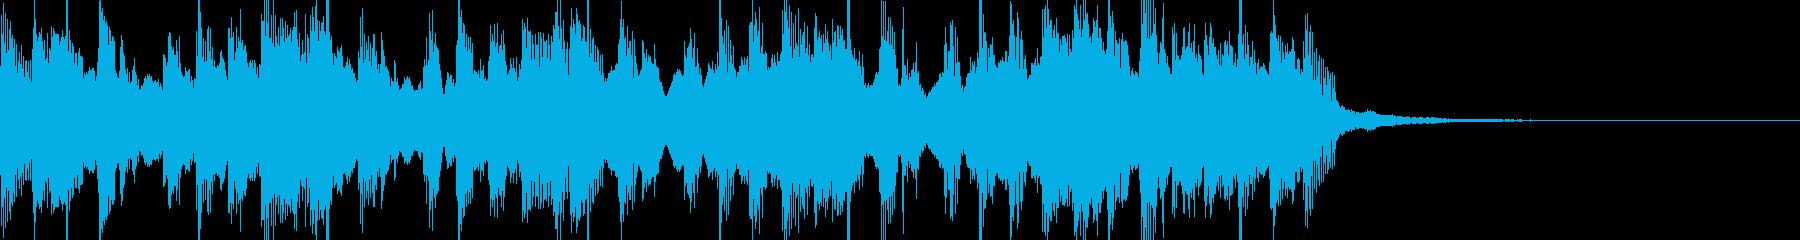 レゲエ風ジングルの再生済みの波形